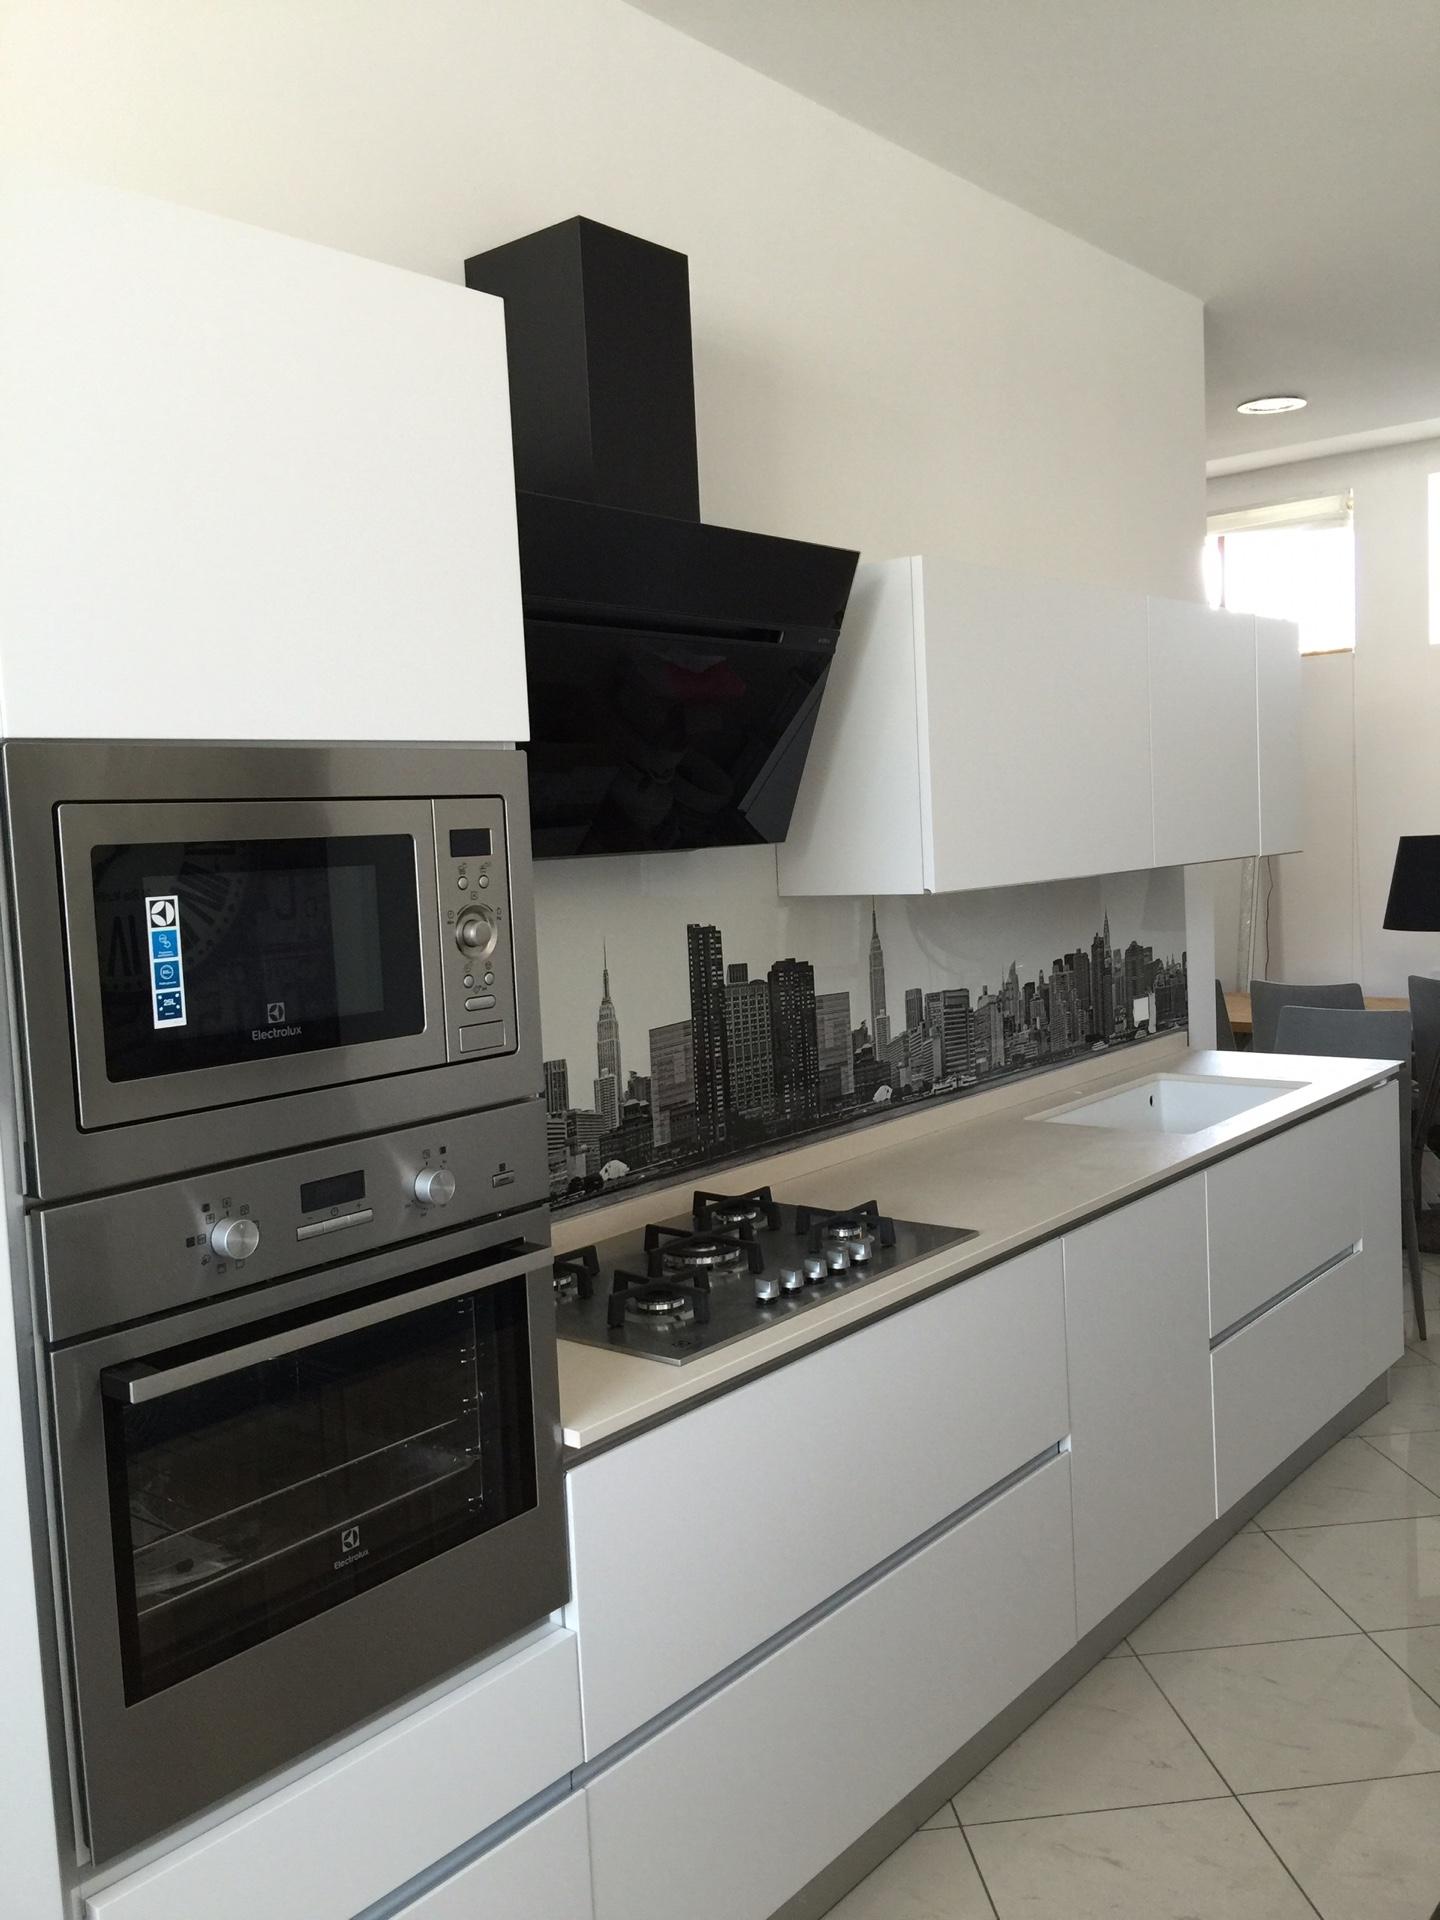 Cucina artigianale laccato bianco lineare con gola piano in dekton completa di elettrodomestici - Piano cucina in dekton ...